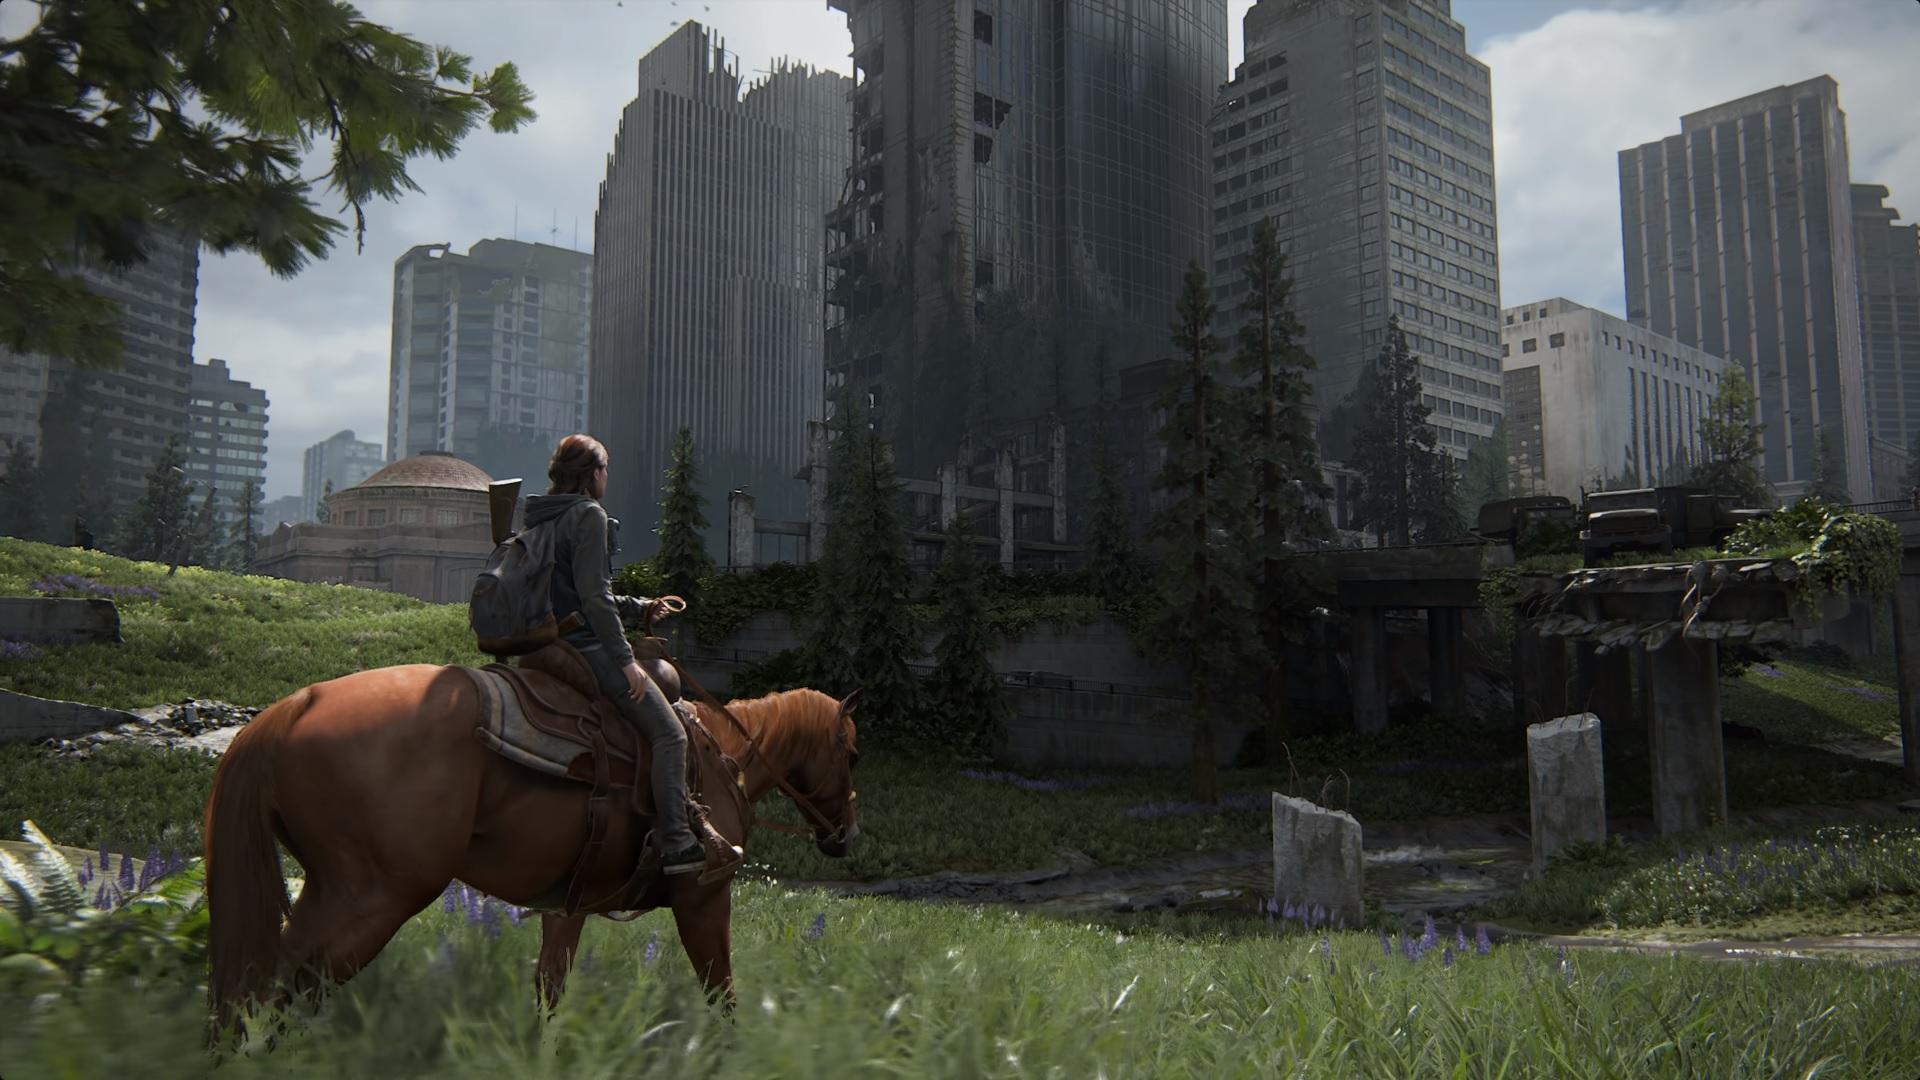 Koronawirus powstrzymał grzyba - pokaz The Last of Us: Part 2 przesunięty